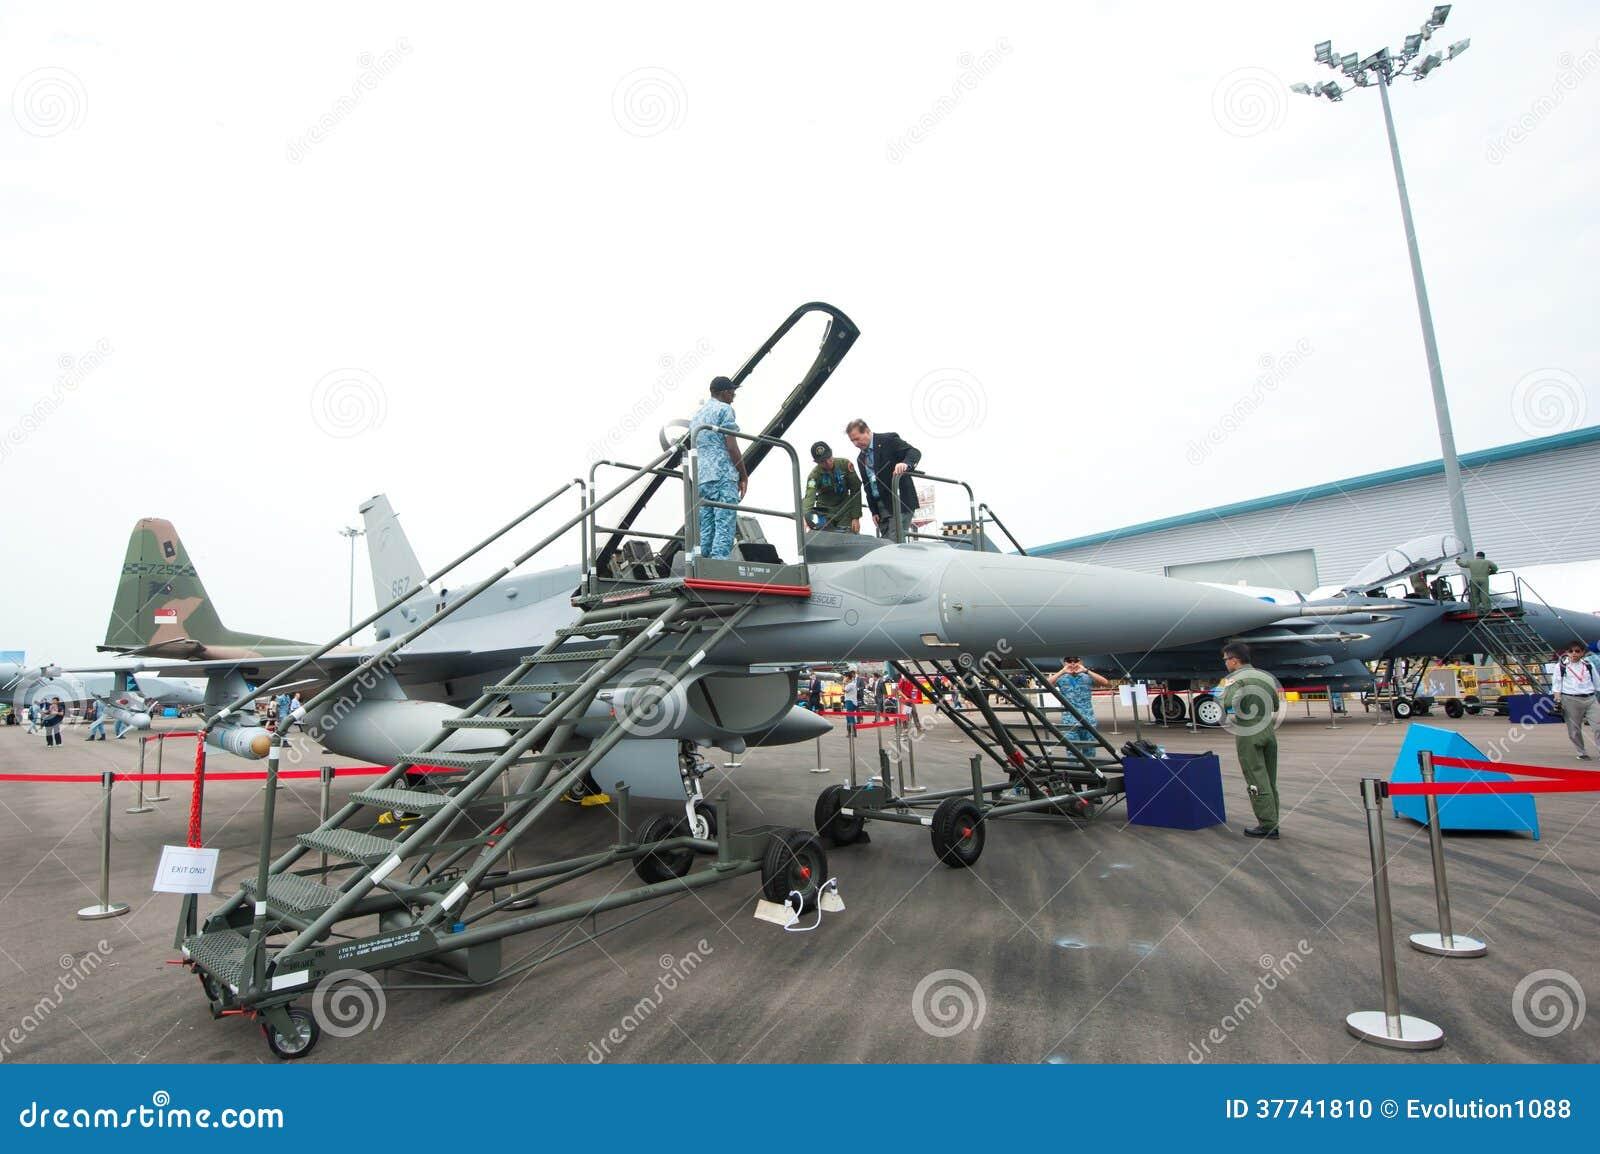 Aereo Da Caccia Gta 5 : Ospiti che provano un aereo da caccia a singapore airshow